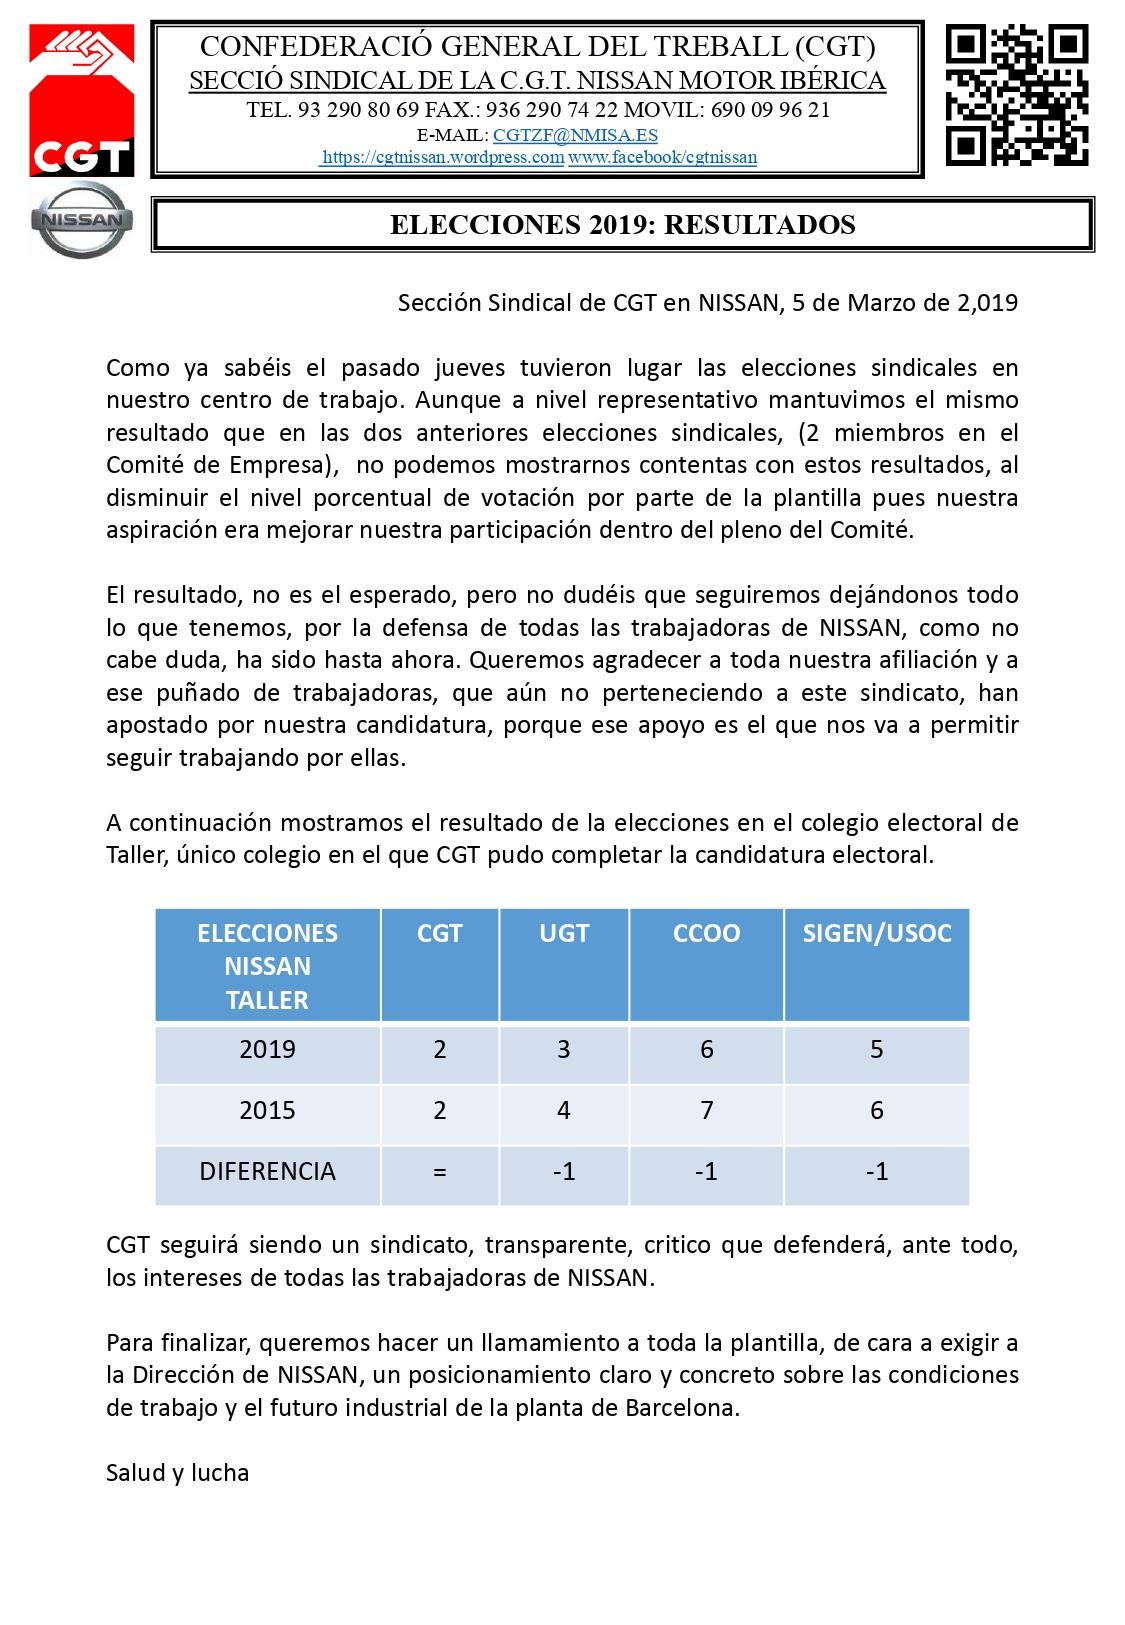 resultado elecciones 2019_pages-to-jpg-0001